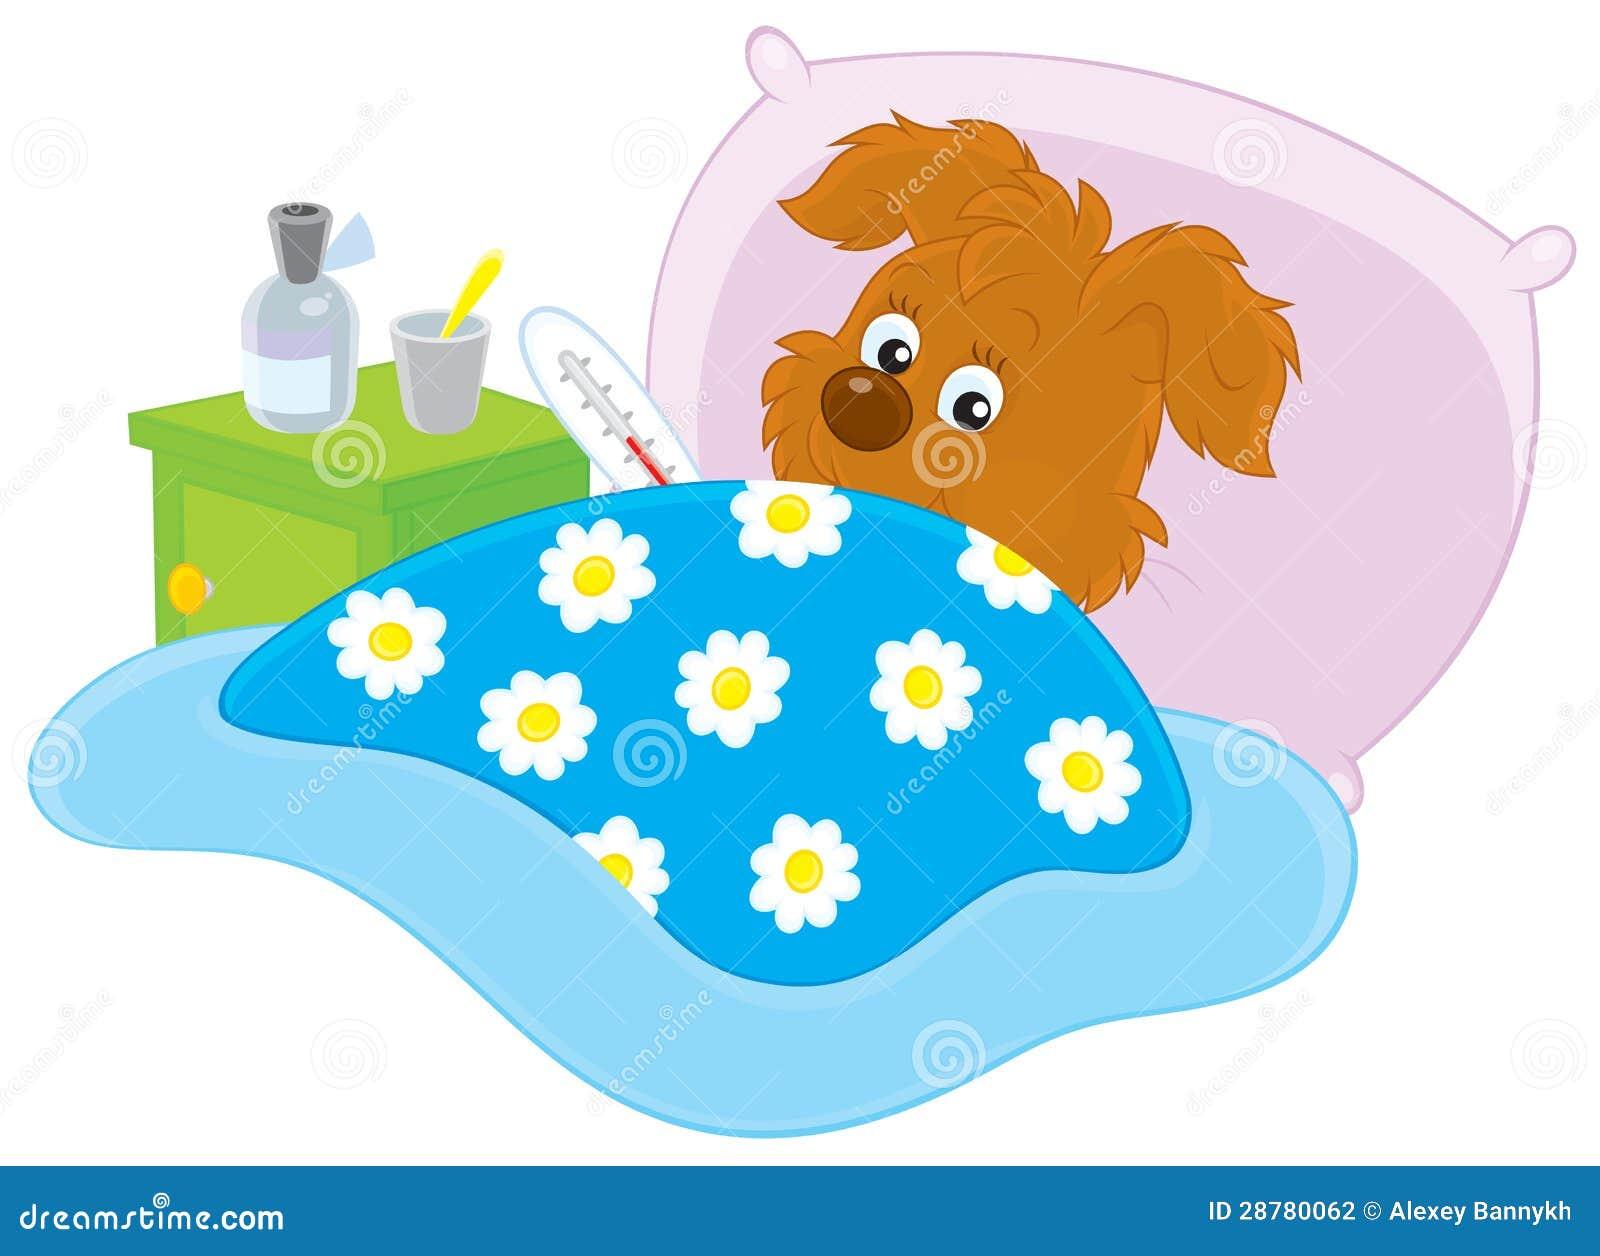 Cucciolo malato fotografia stock immagine 28780062 for Cucciolo di talpa